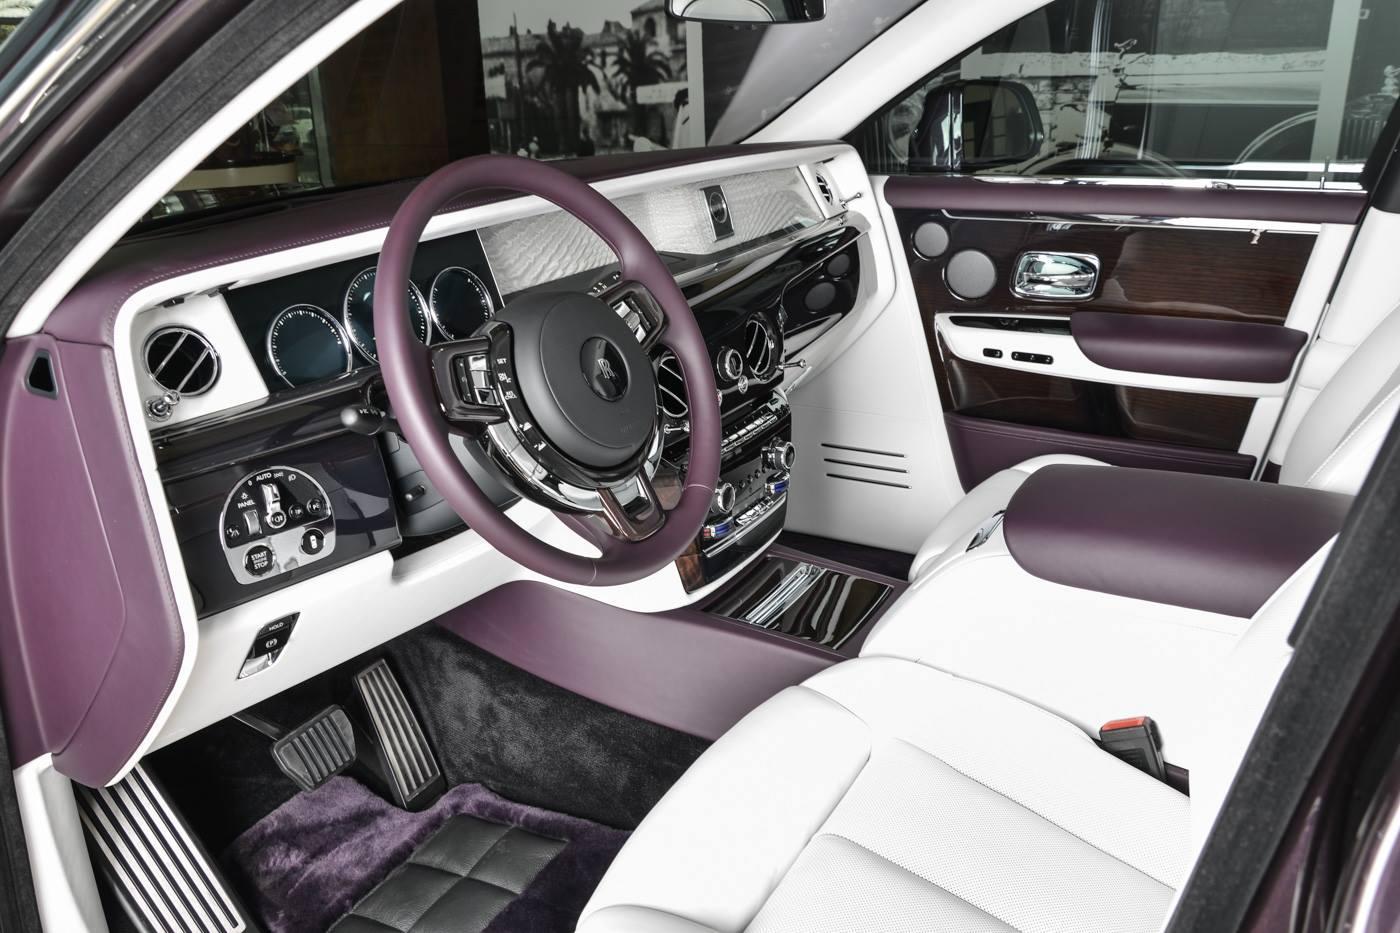 Rolls-Royce Phantom EWB din Abu Dhabi - Rolls-Royce Phantom EWB din Abu Dhabi